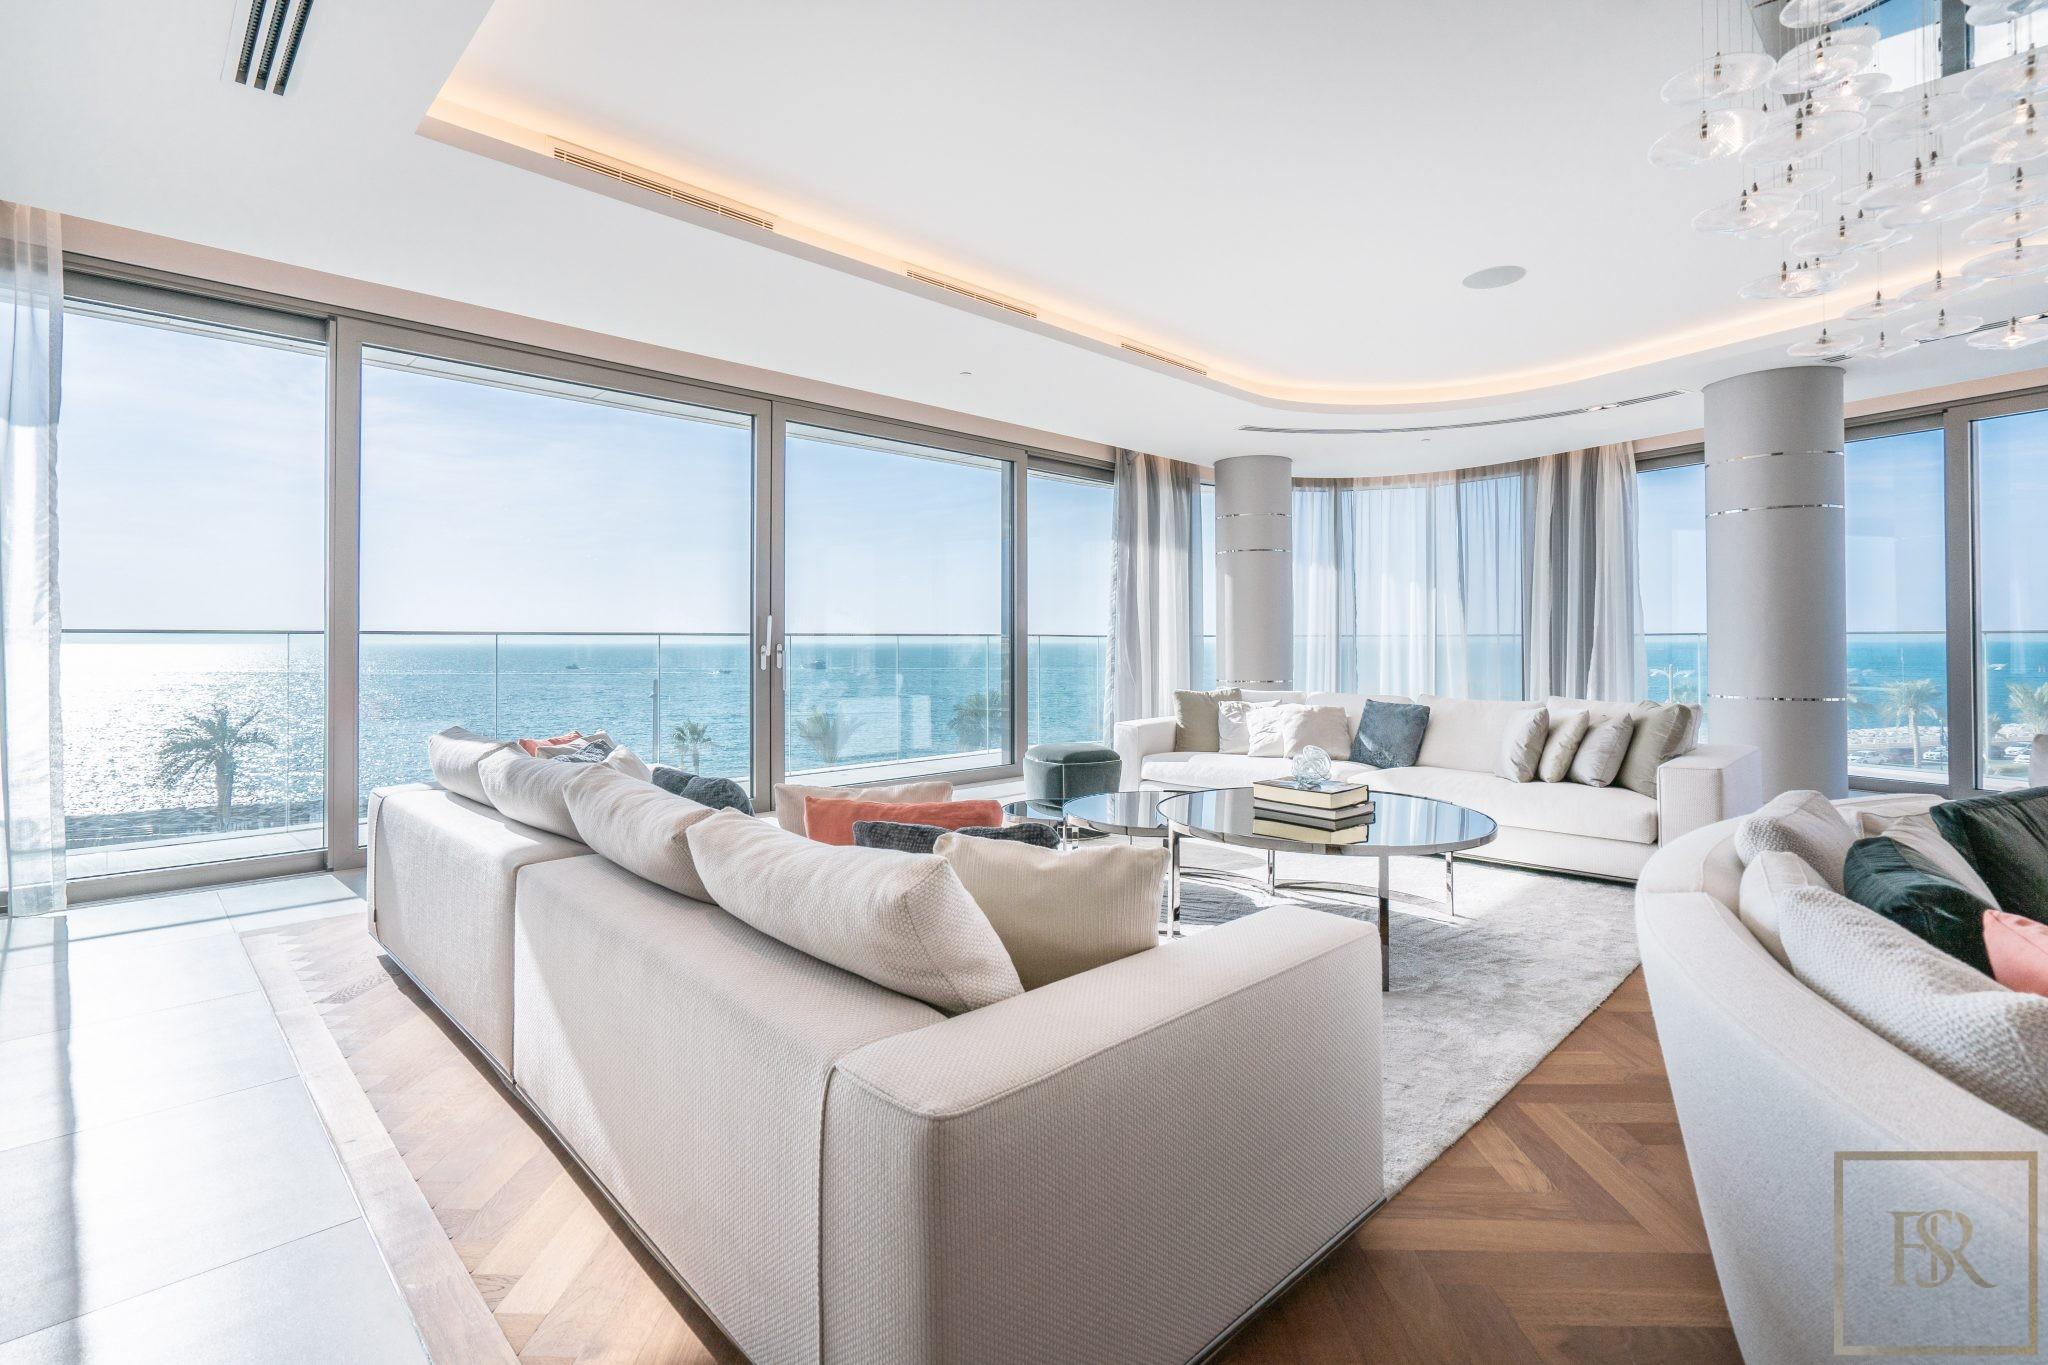 Penthouse W Residences - Palm Jumeirah, Dubai, UAE for sale For Super Rich